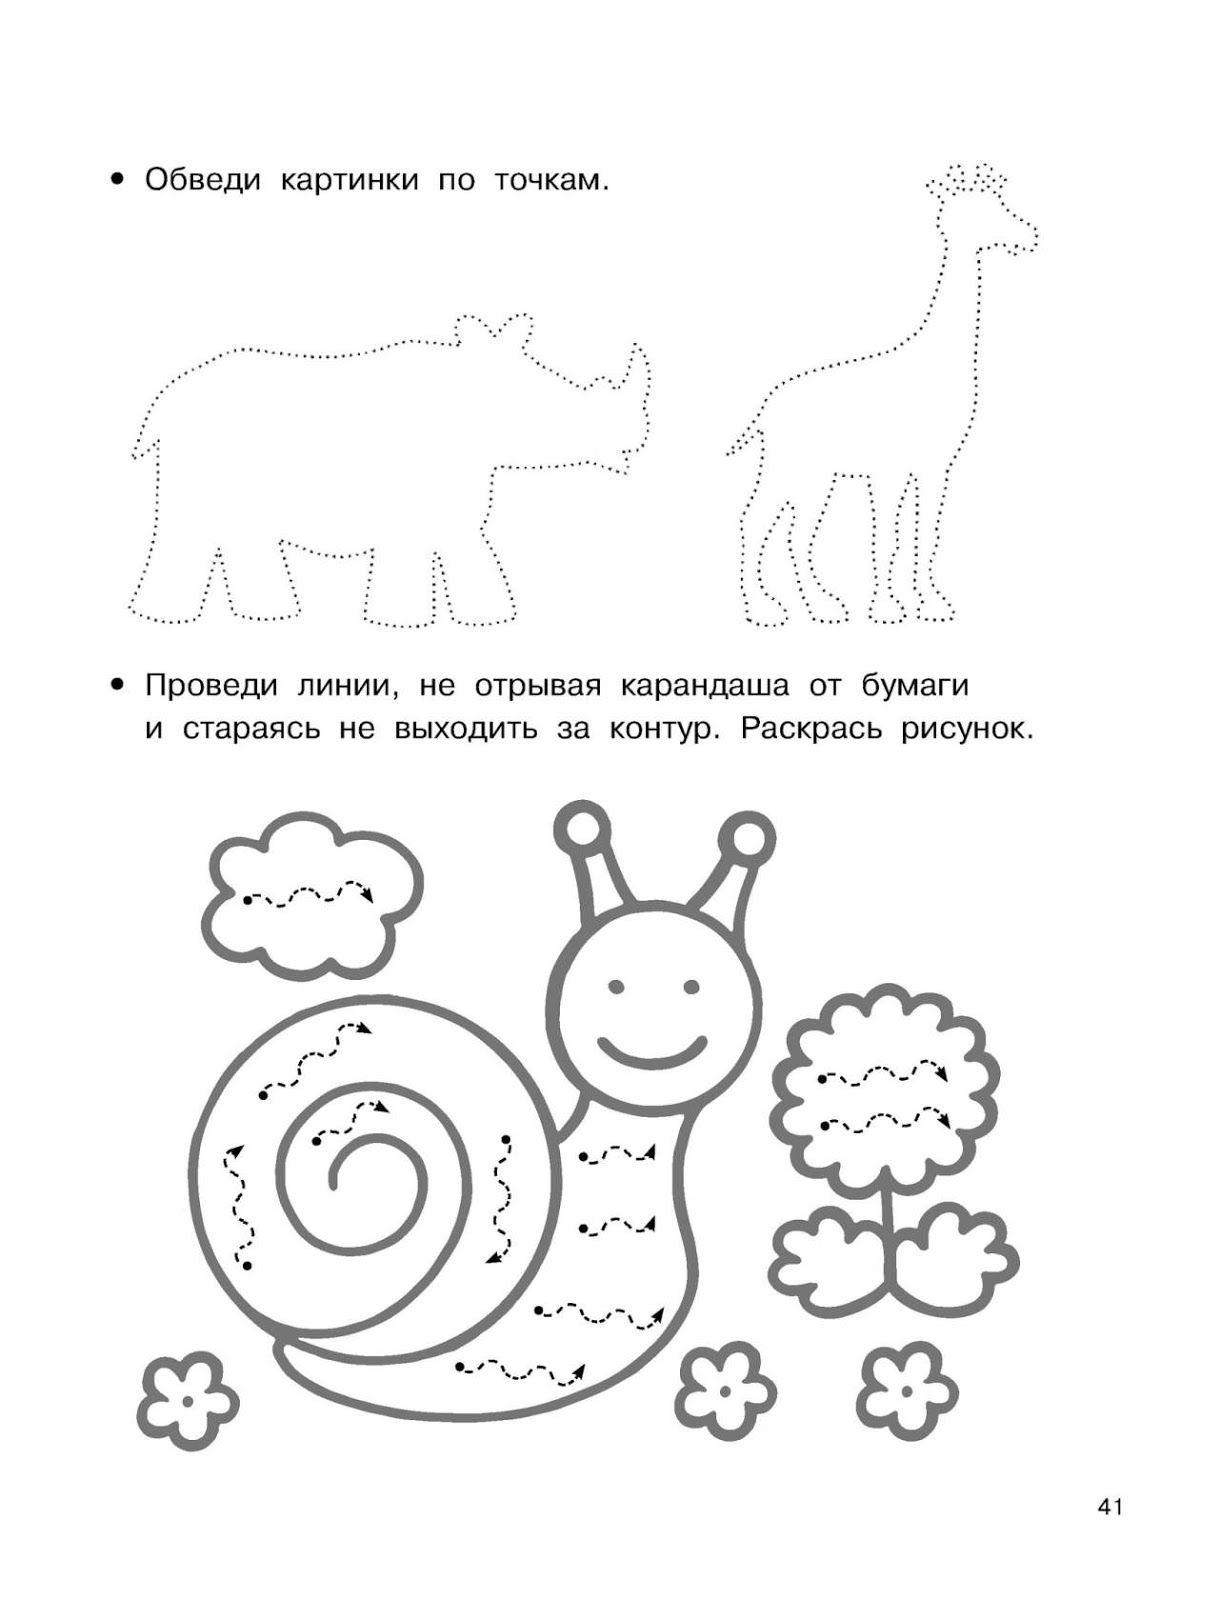 Tipss und Vorlagen: Worksheets for kids - Kindergarten   Attività per  bambini [ 1600 x 1220 Pixel ]